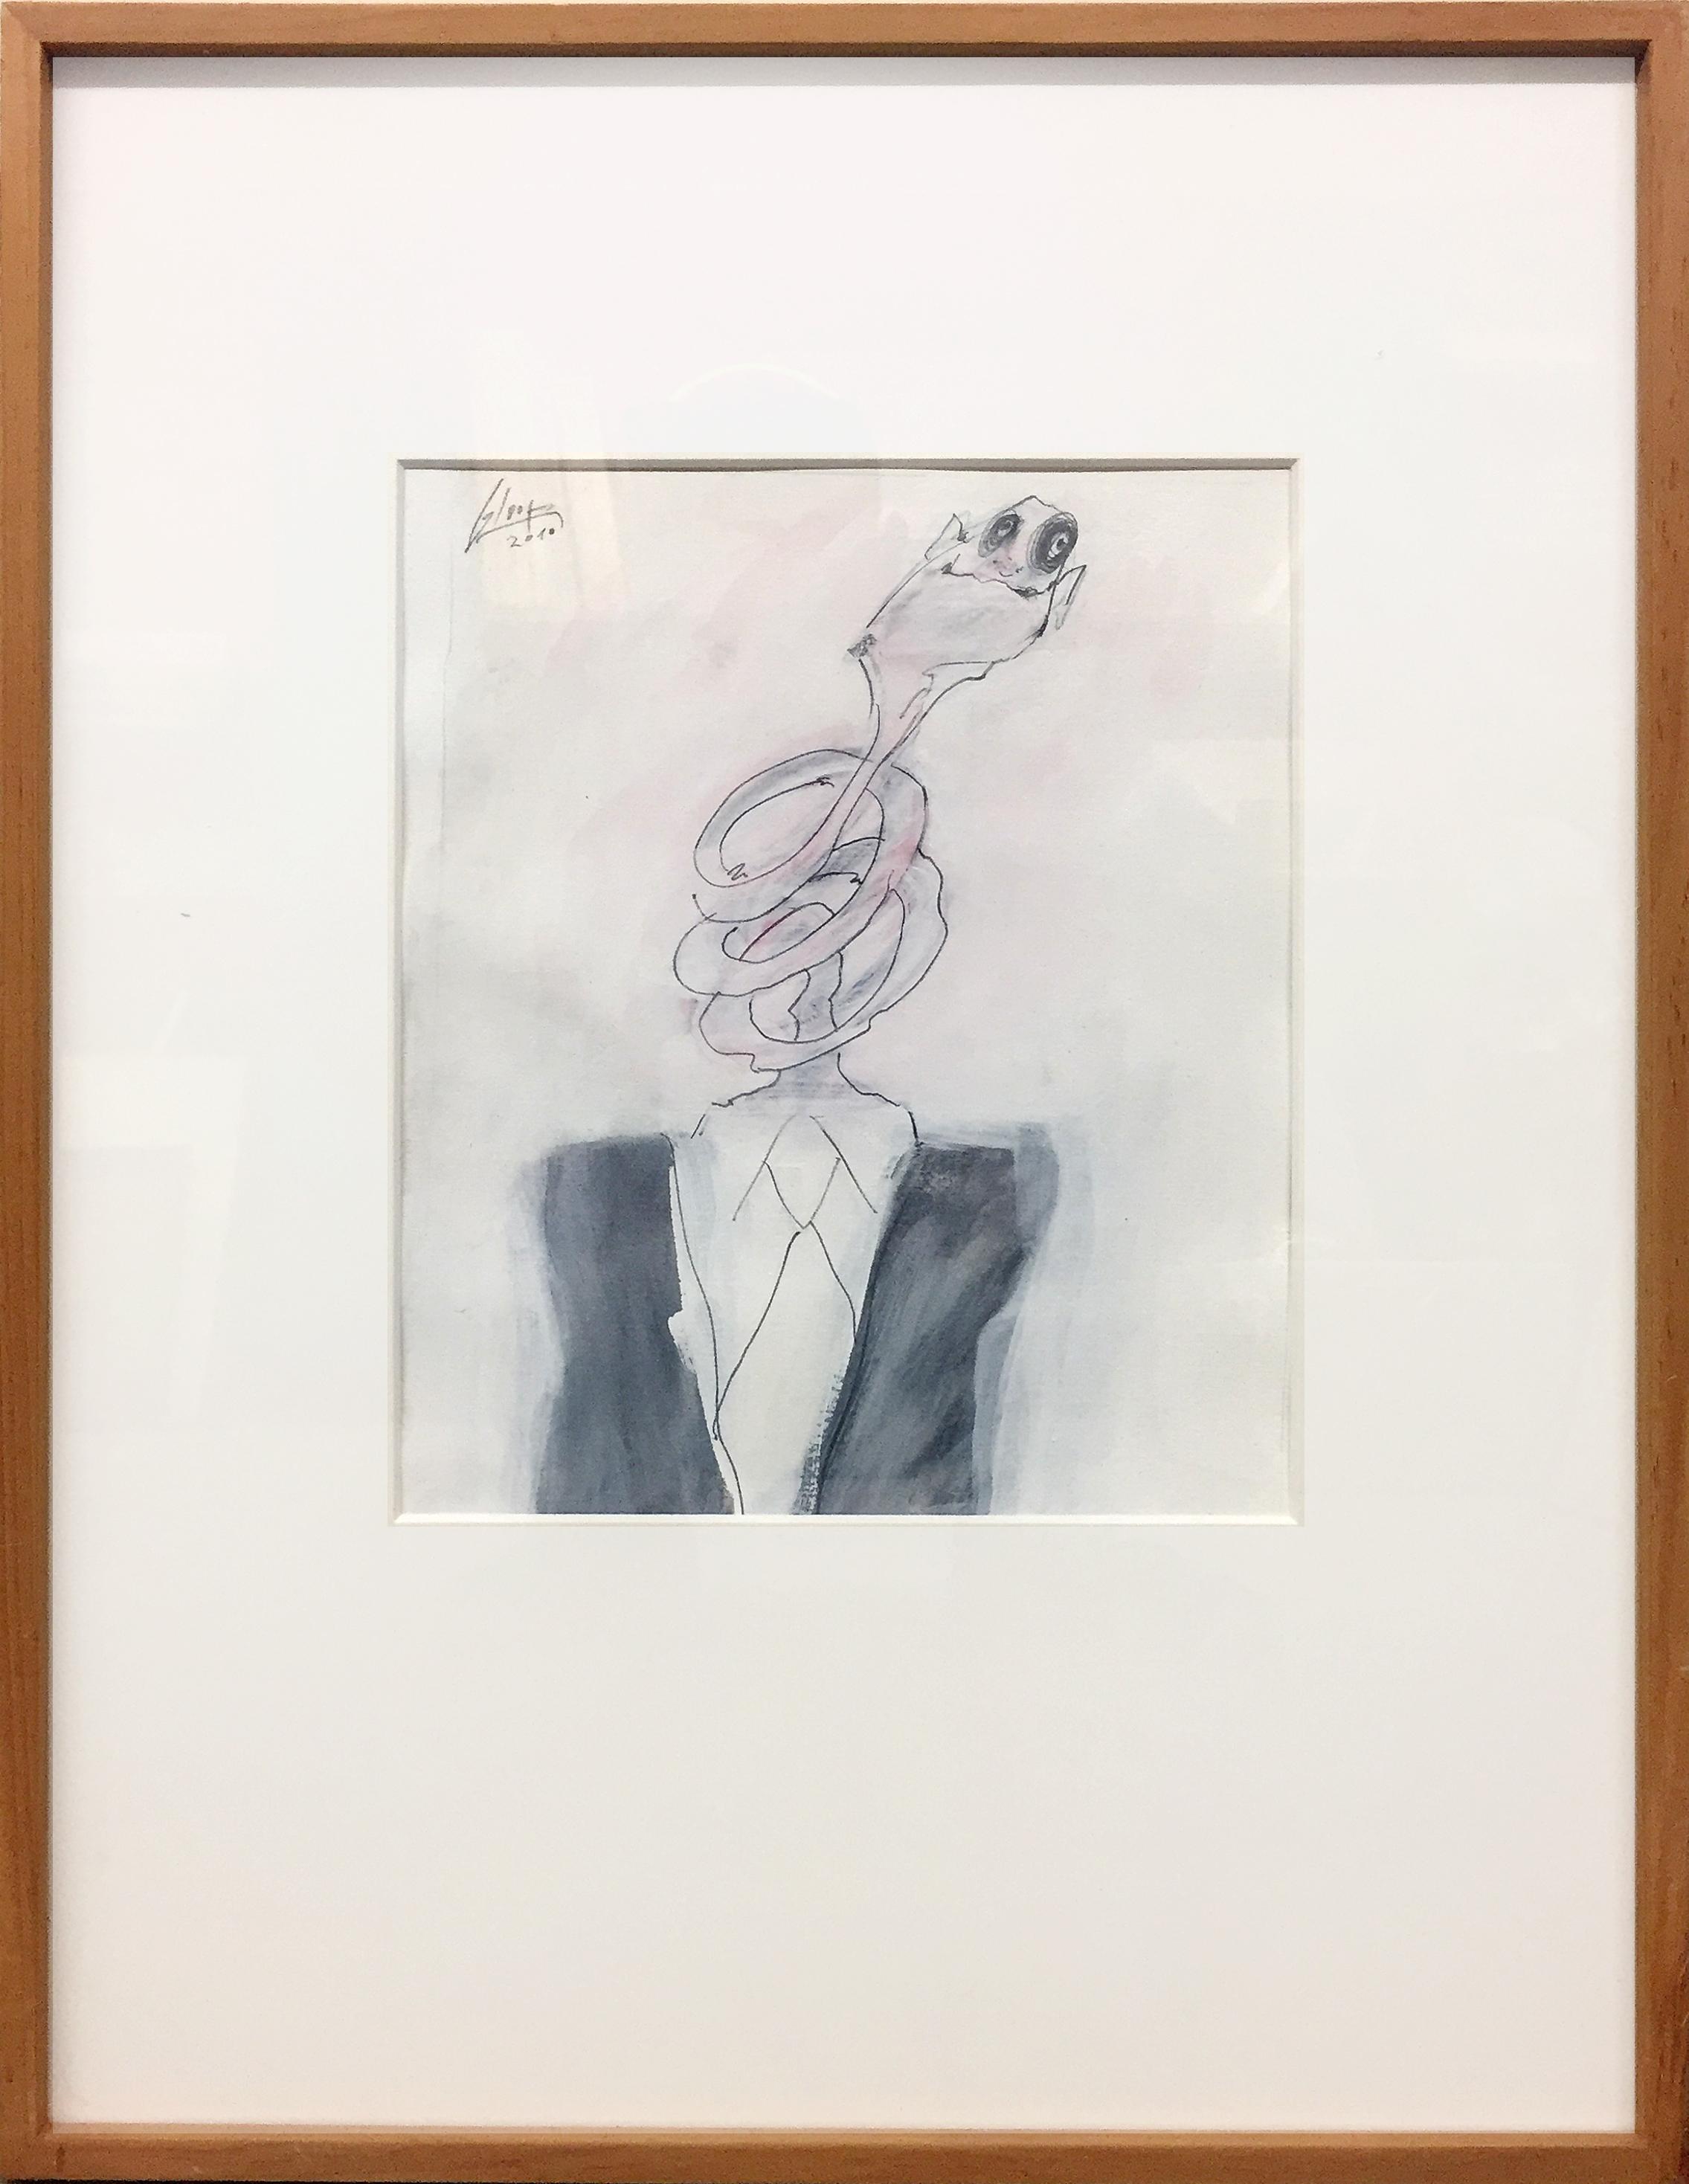 Ohne Titel, 2010, Bleistift und Tusche auf Büttenpapier, 25 x 30 cm, Holzrahmen, Rahmenmass 48 x 58 cm